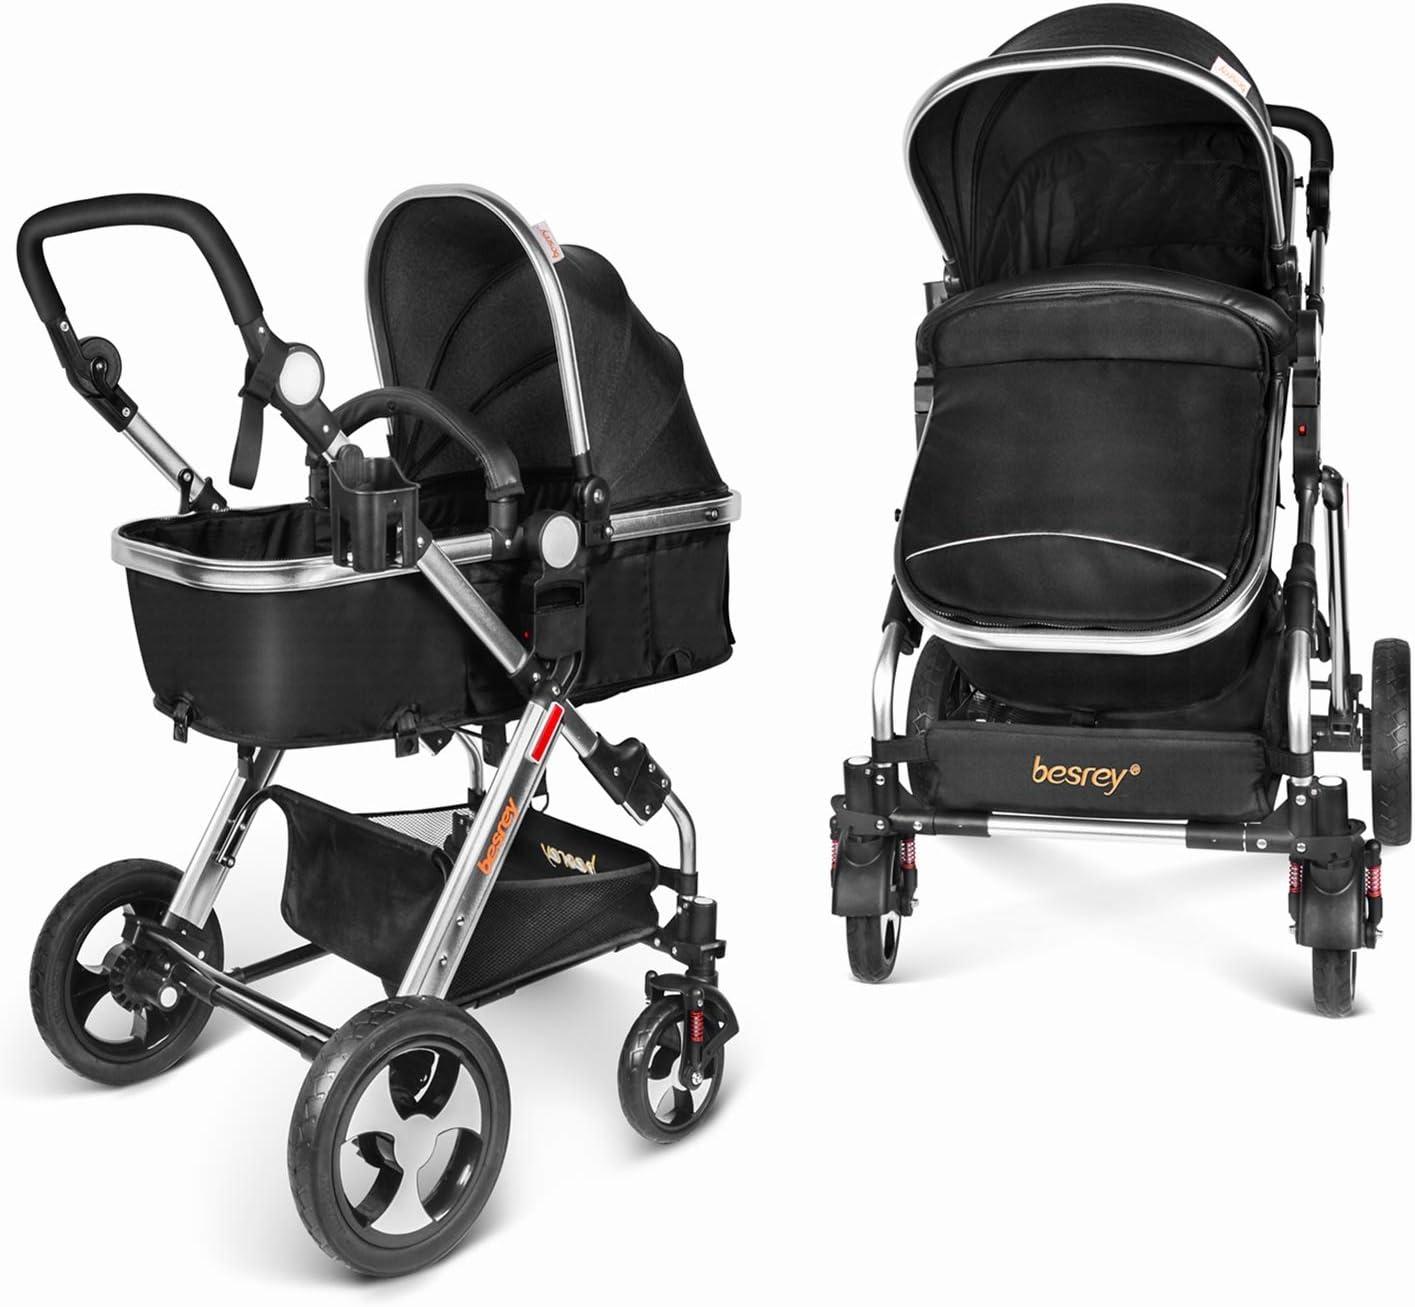 Besrey Carro Bebe Carrito 2 en 1 Cochecito para bebe infantil 0-36 meses Gran Rueda Con Cinturón de seguridad